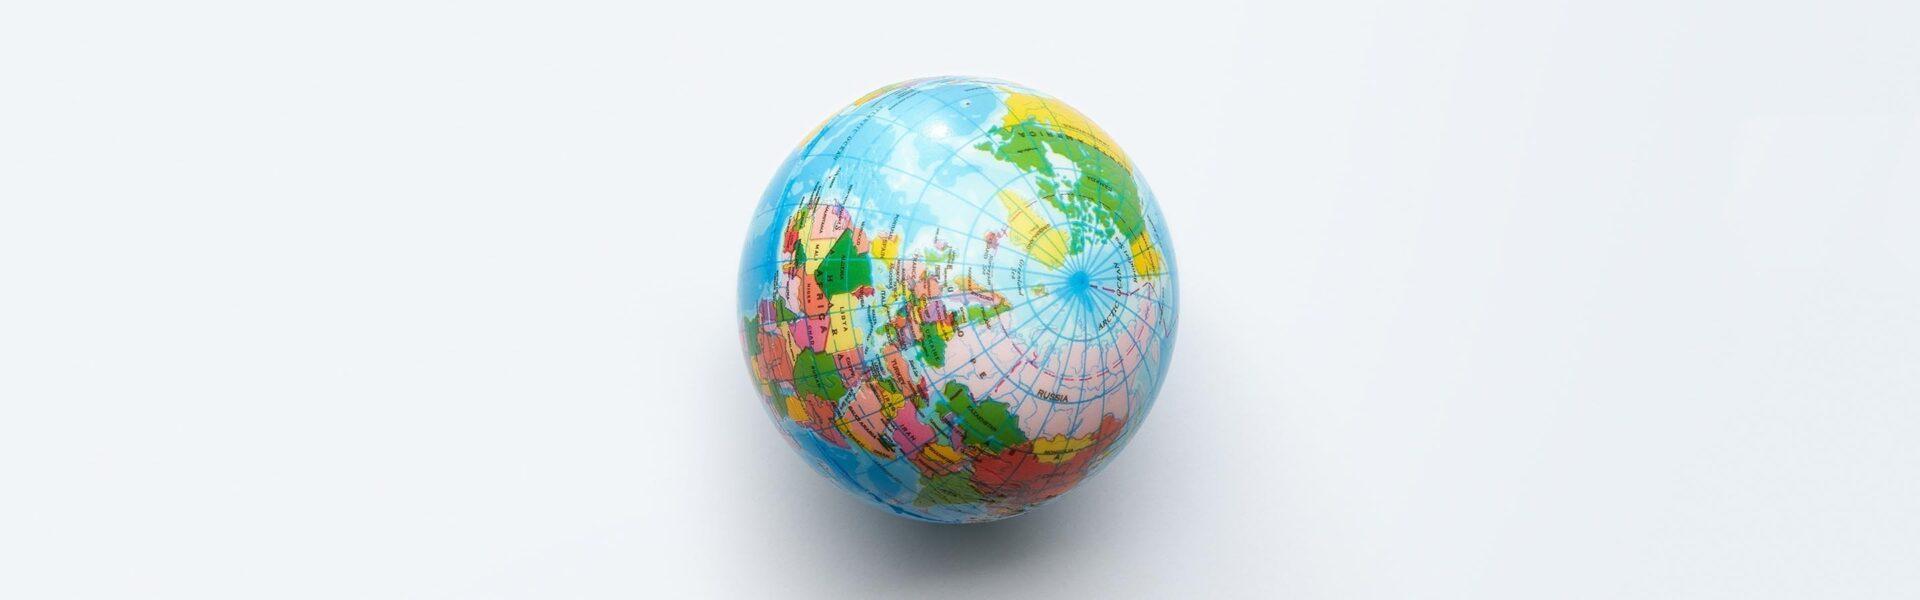 Weltkugel als Symbolbild für Sprachendienst